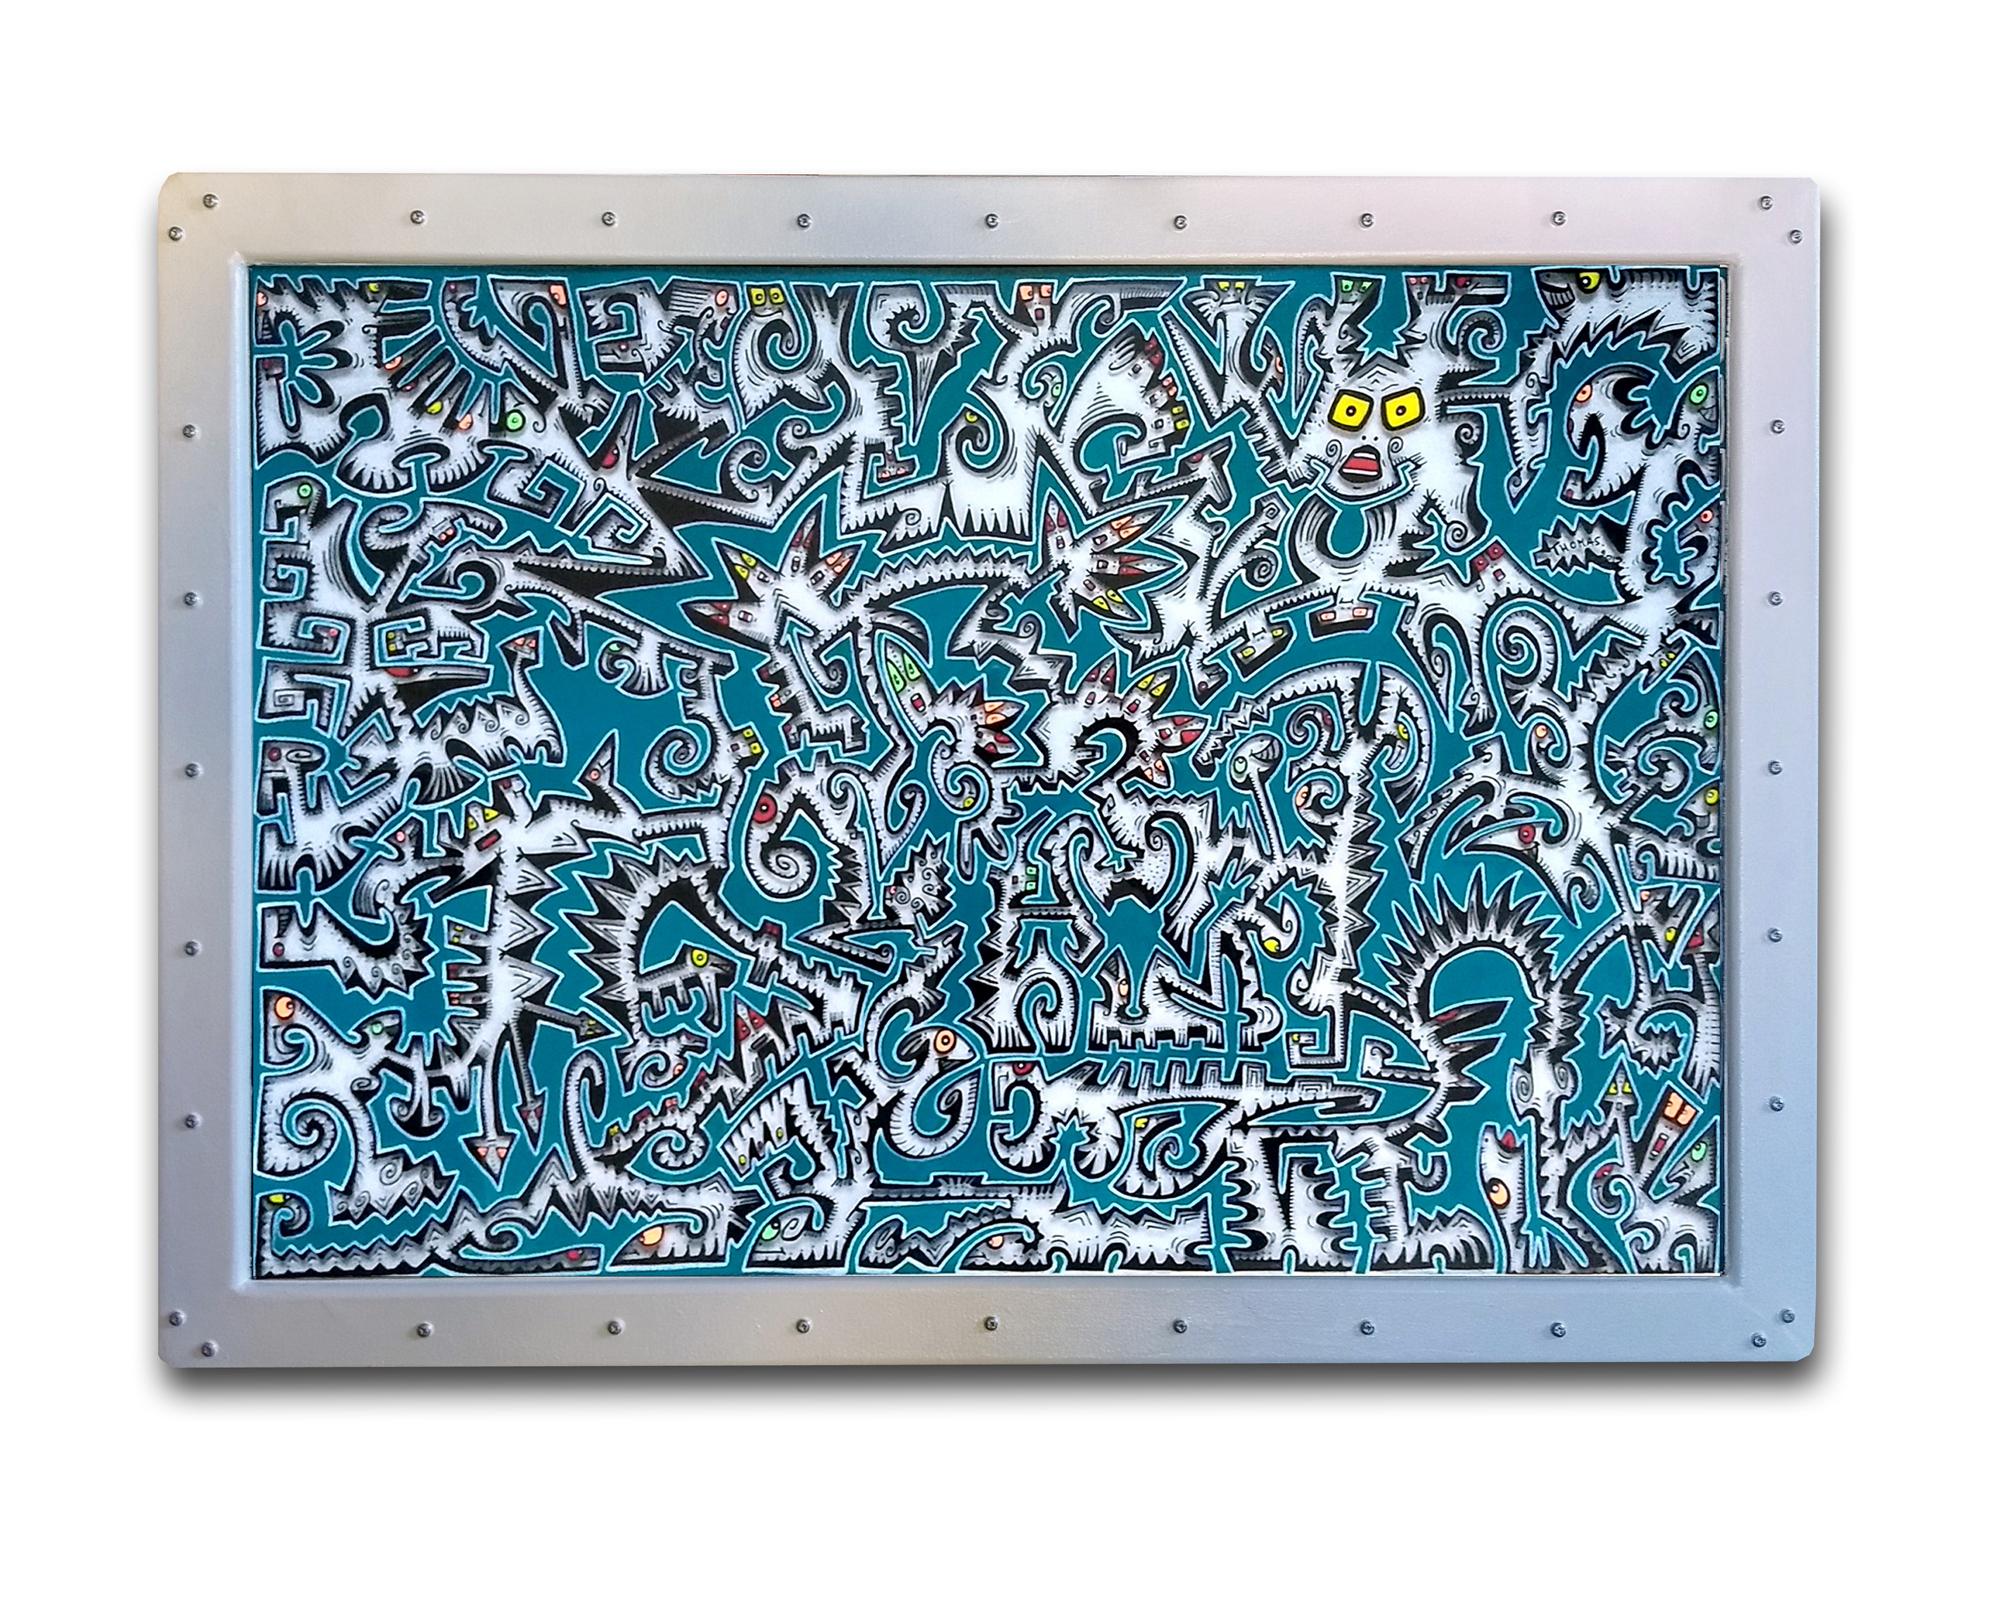 Titre : GT1 /feutres acrylique sur pvc transparent/ cadre bois blanc satin/ format avec cadre : 50/70 cm/ prix: 200 euros